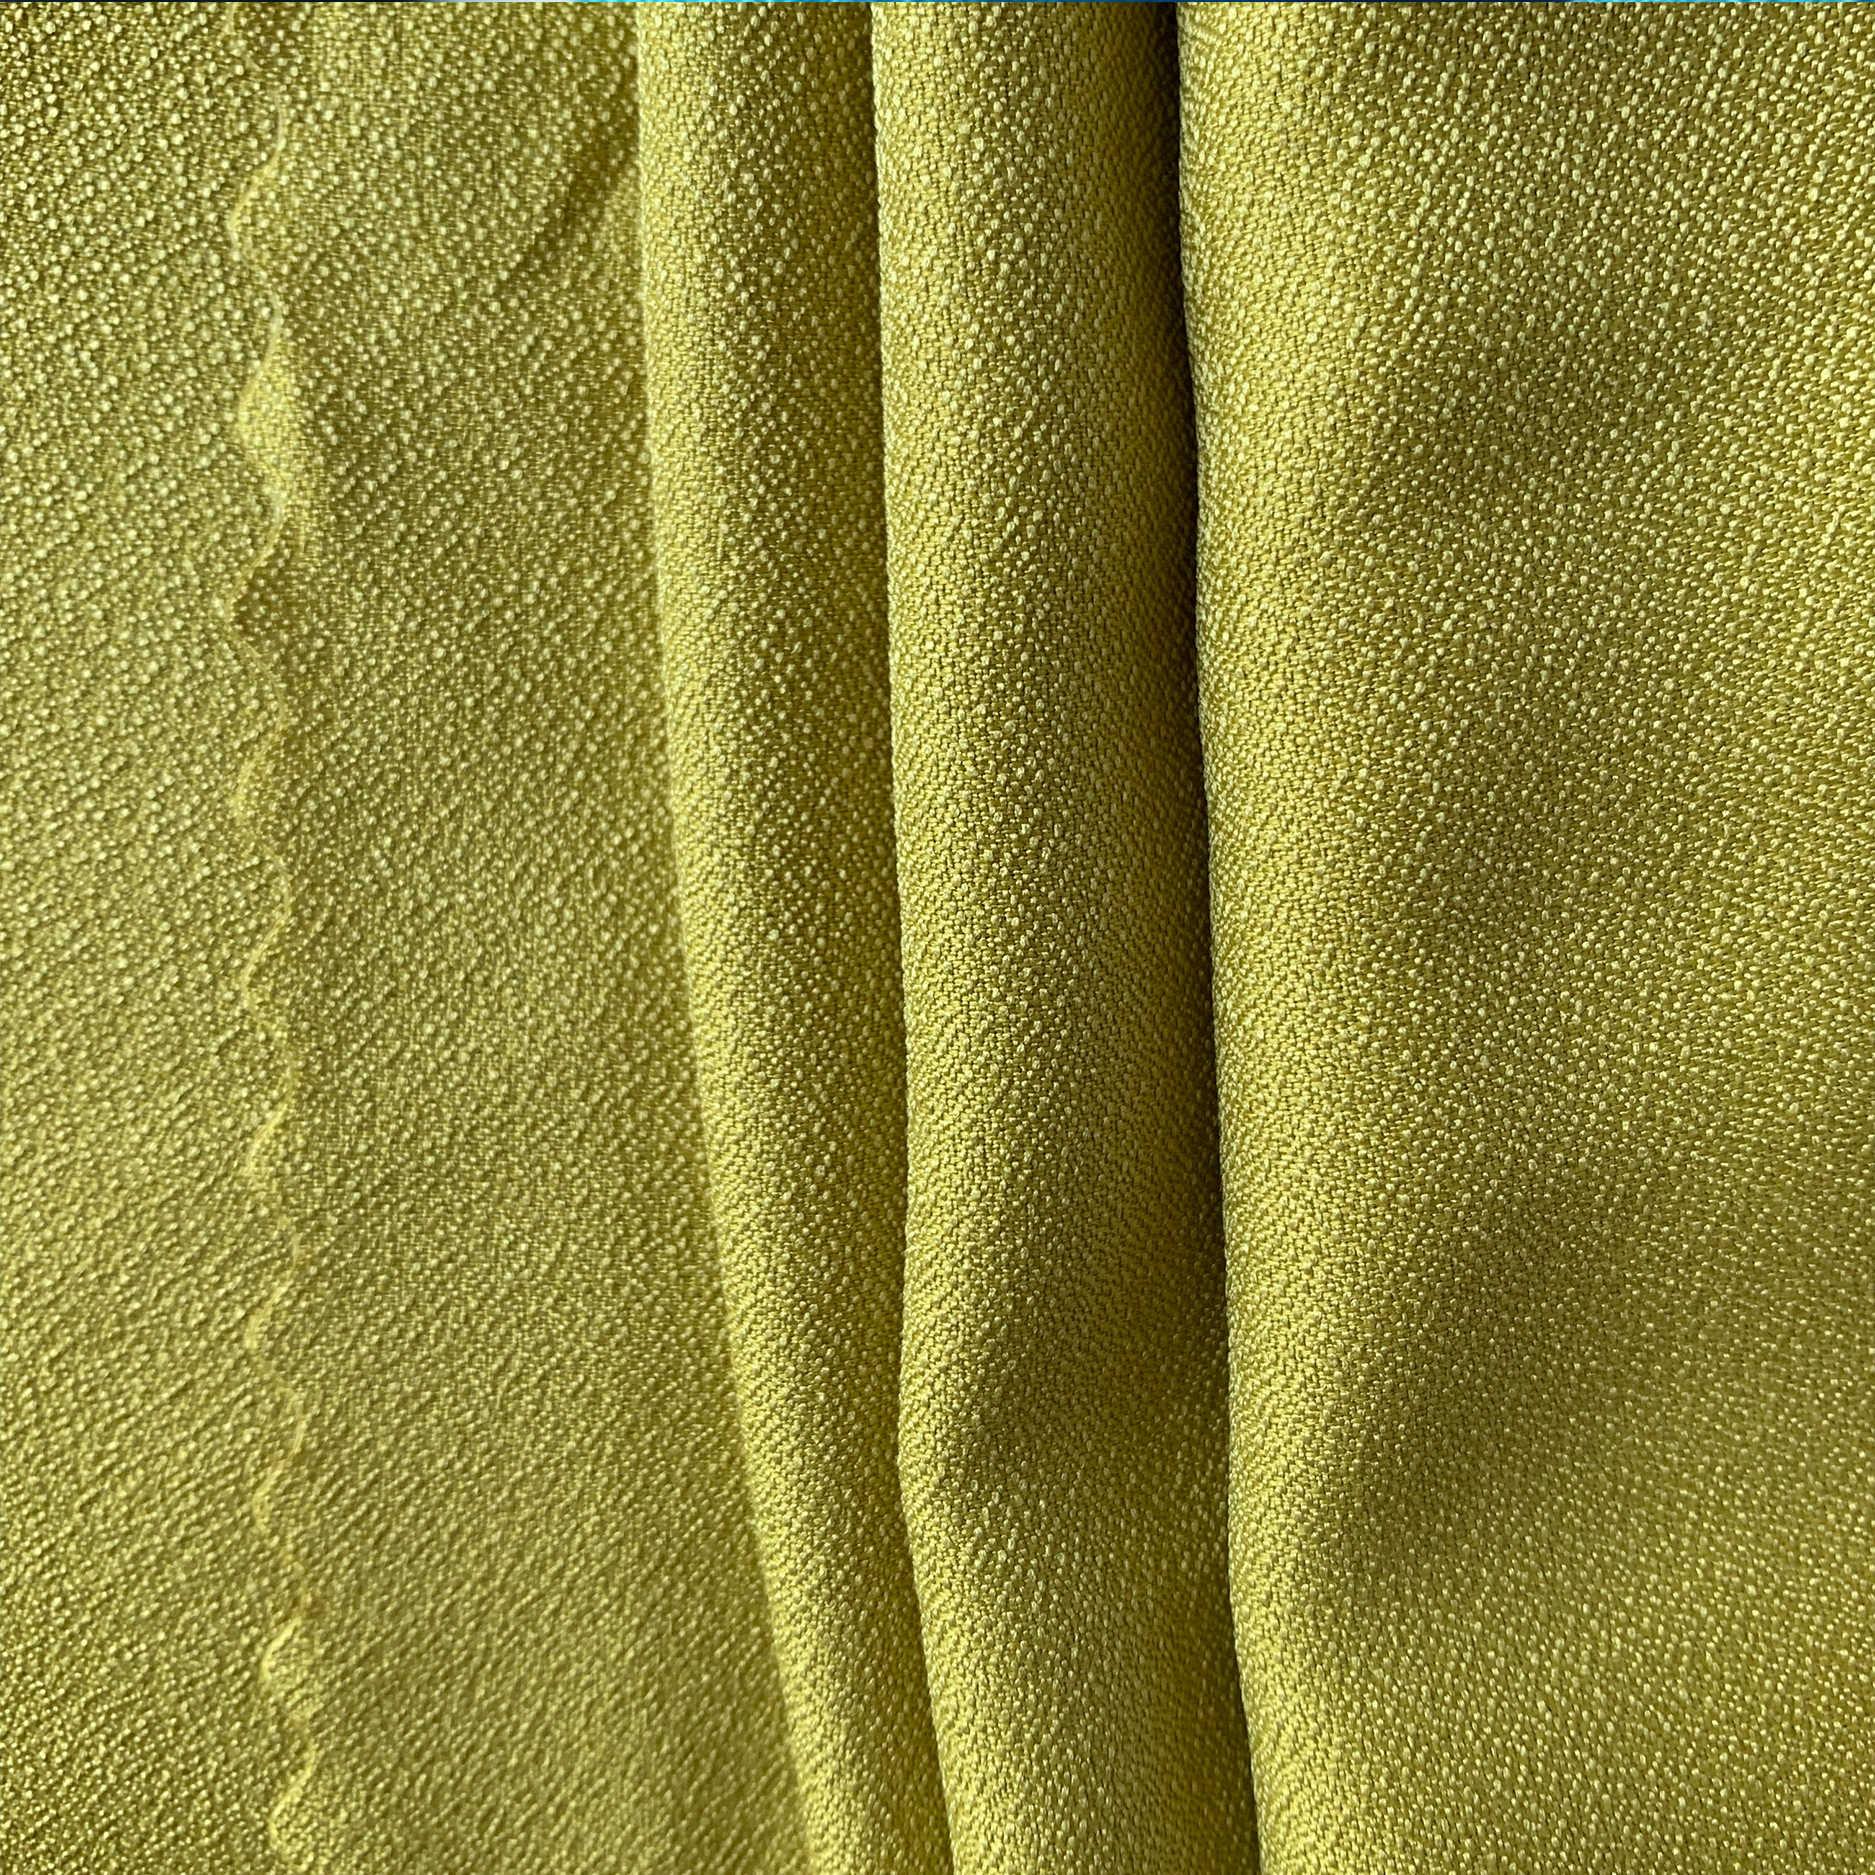 Zipsoft marka Nano ręcznik z mikrofibry szybkie suche na zewnątrz podróży Ultralight kemping kompaktowy pływanie piesze wycieczki ręczniki ręcznie twarzy kąpieli